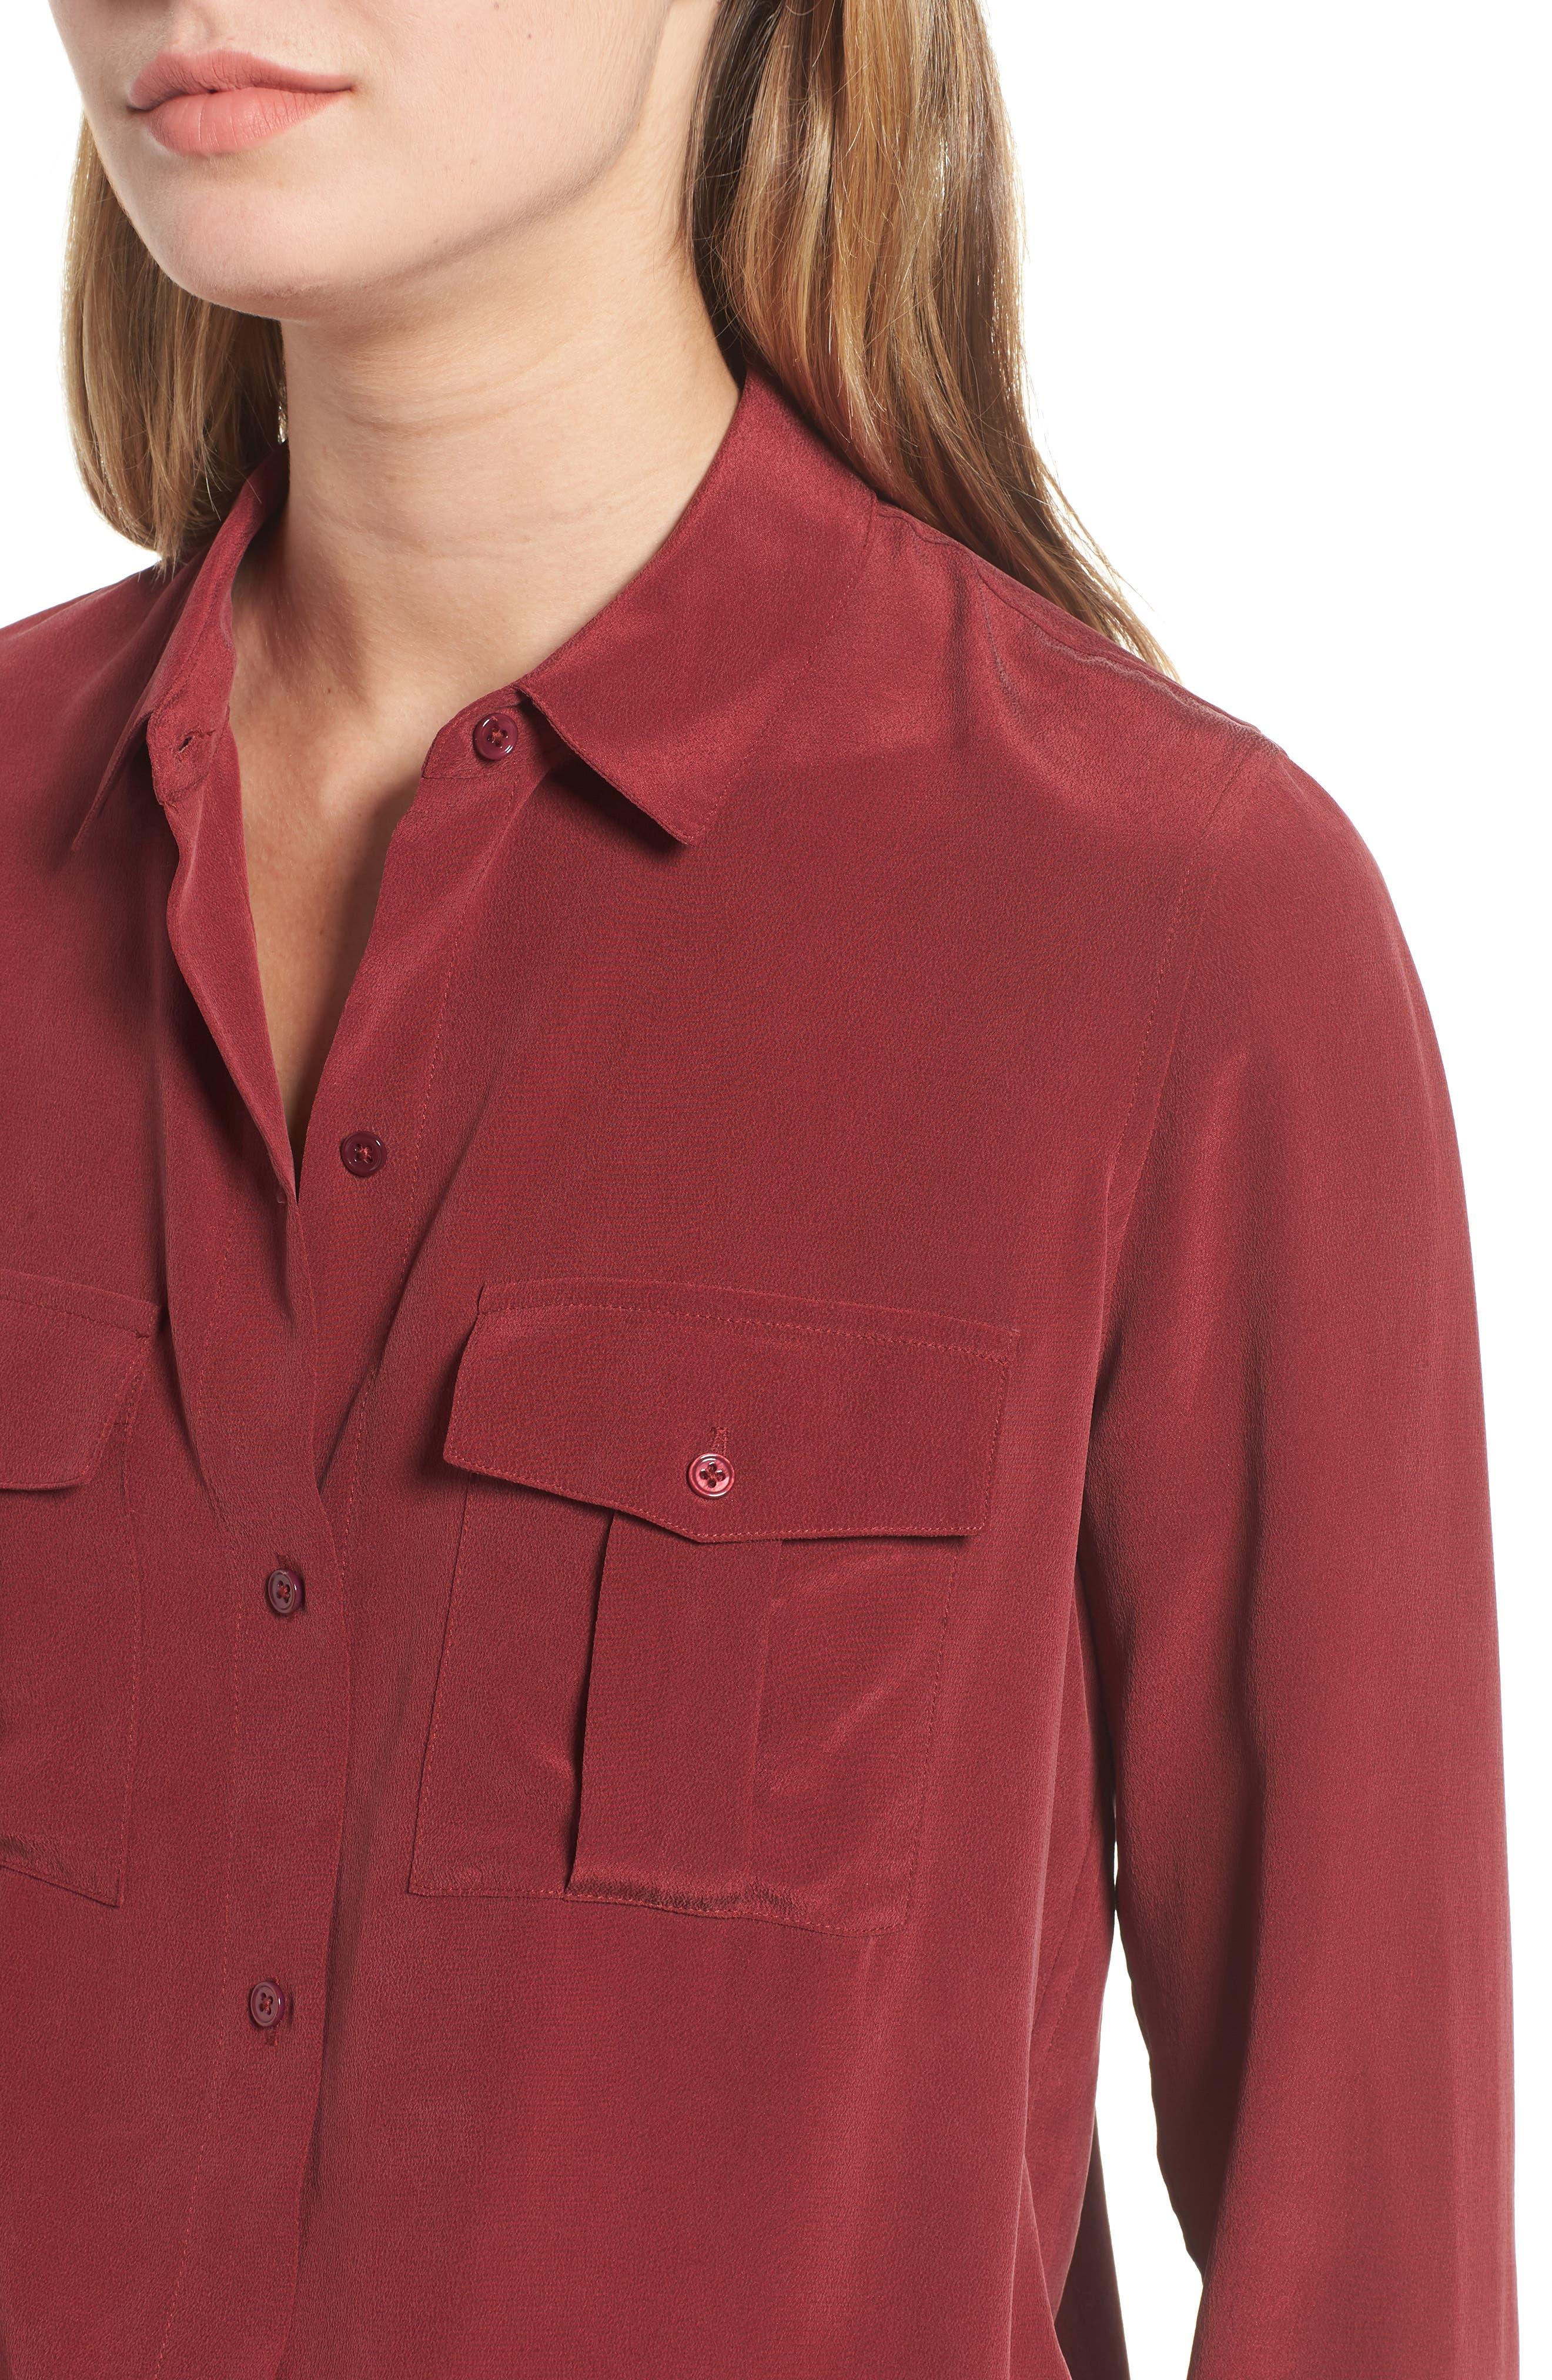 Rhett Silk Shirt,                             Alternate thumbnail 4, color,                             930